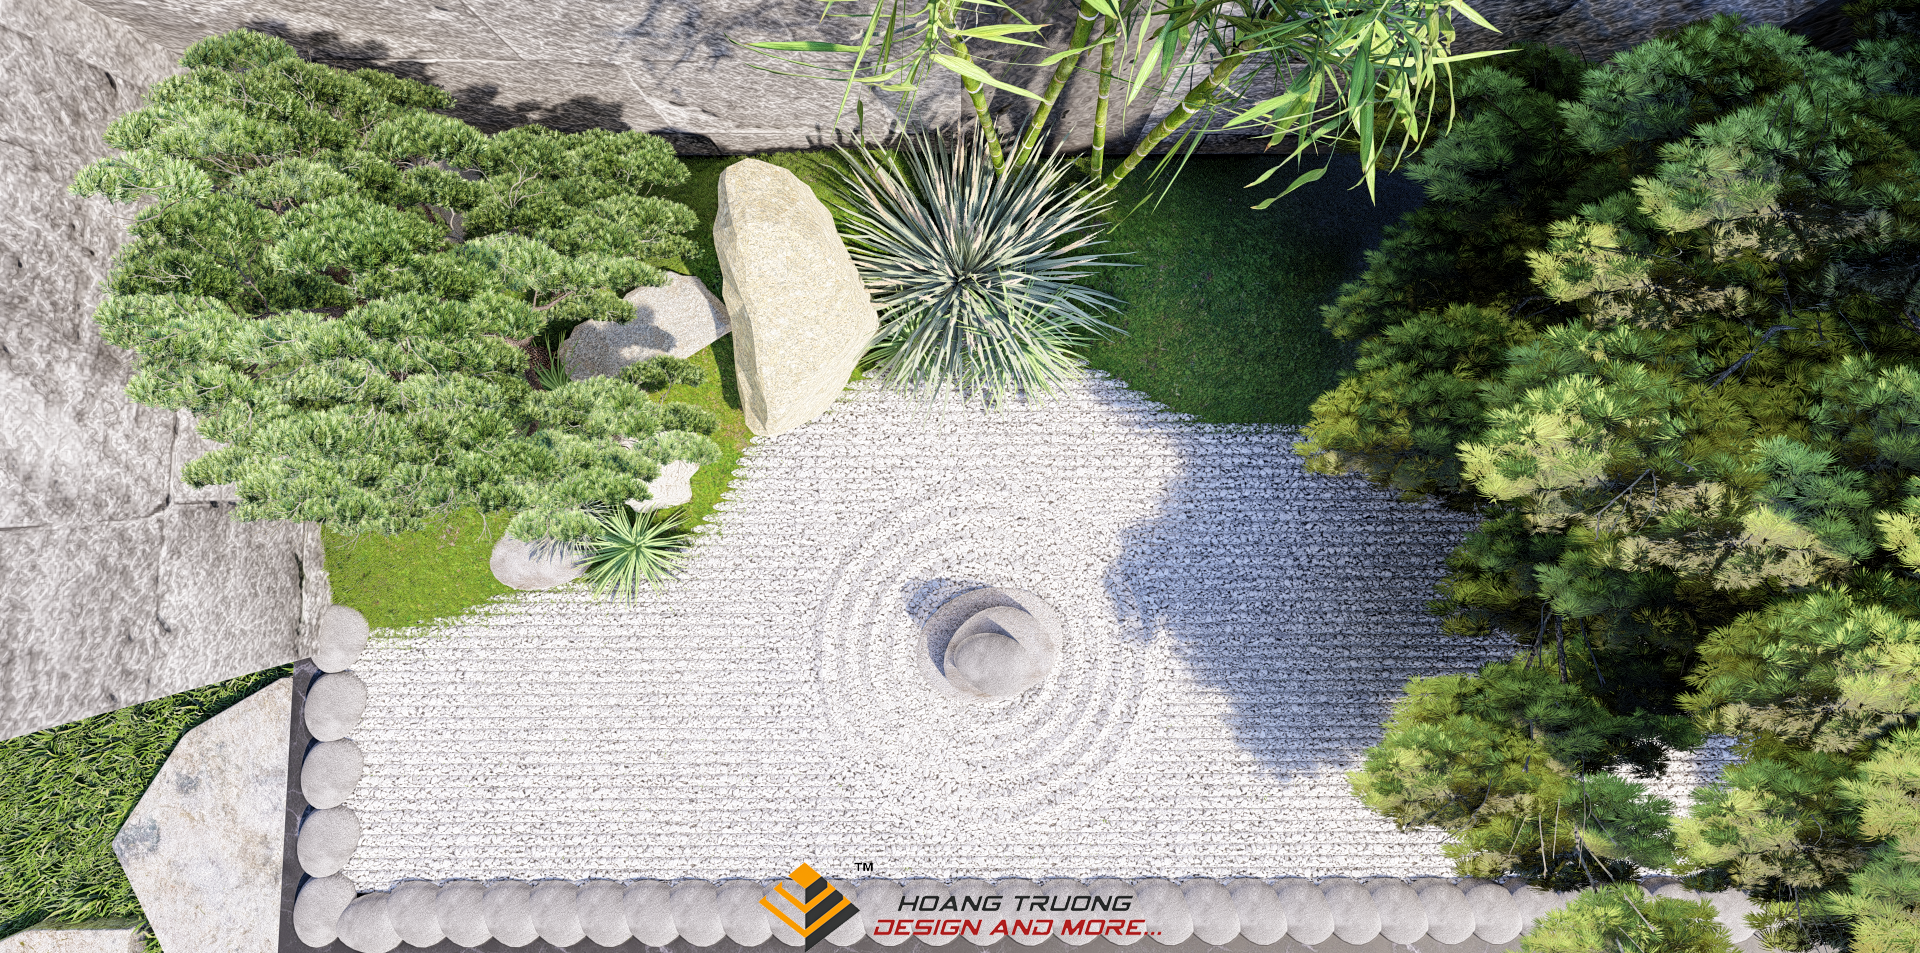 Thiết kế nội thất Biệt Thự tại Lâm Đồng Biệt thự Đà Lạt 1574782296 8